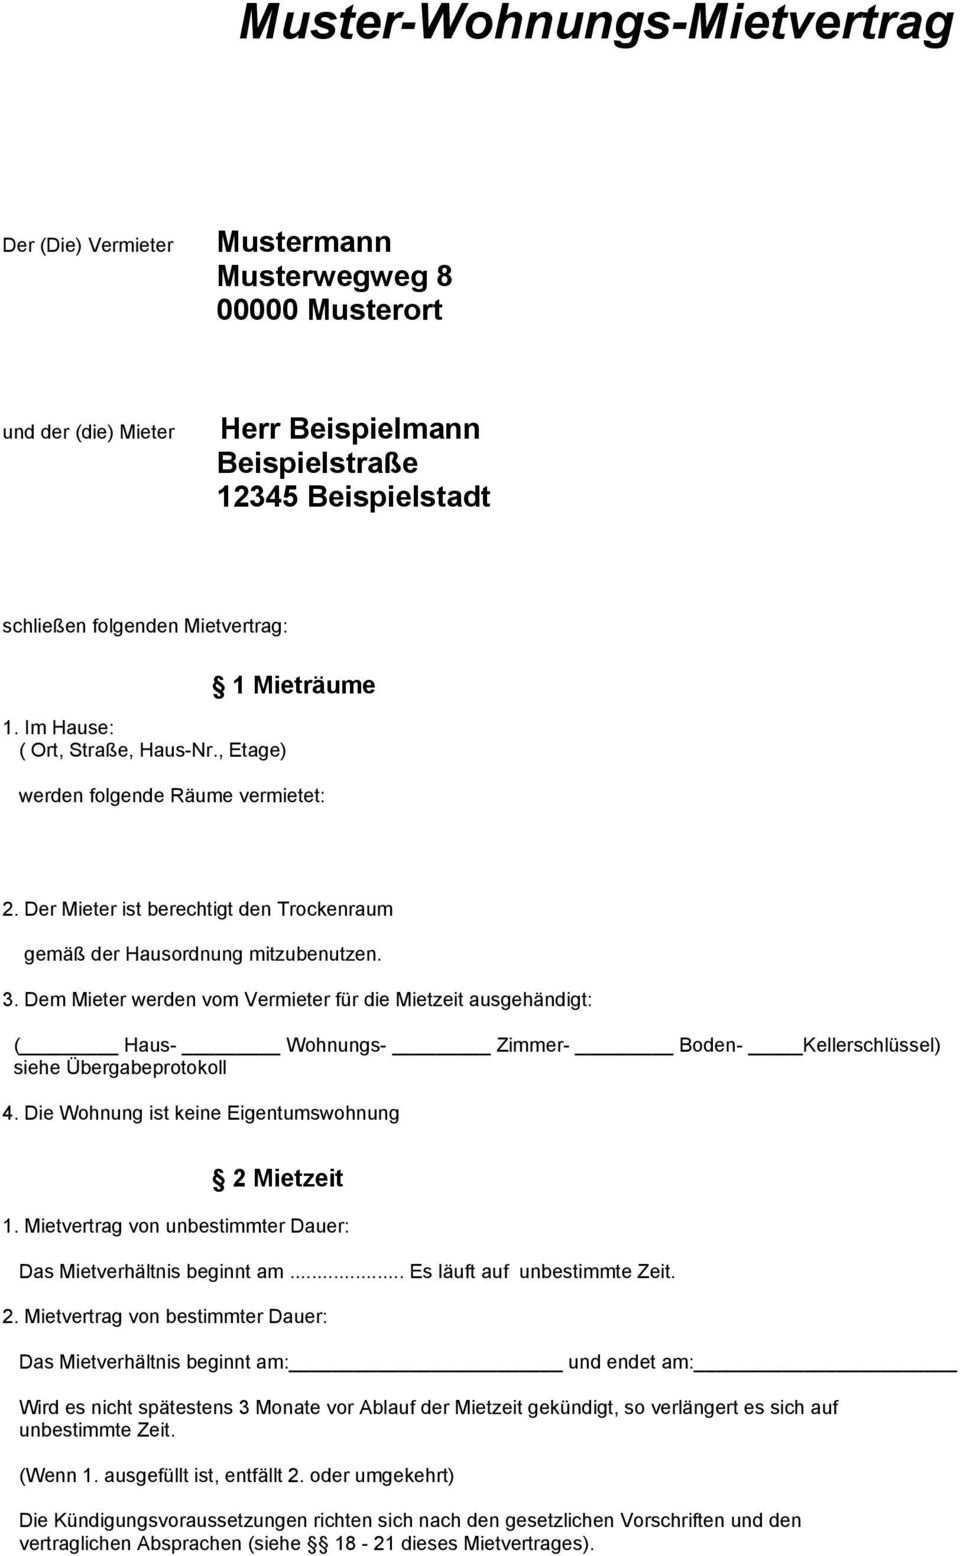 Muster Wohnungs Mietvertrag Pdf Kostenfreier Download